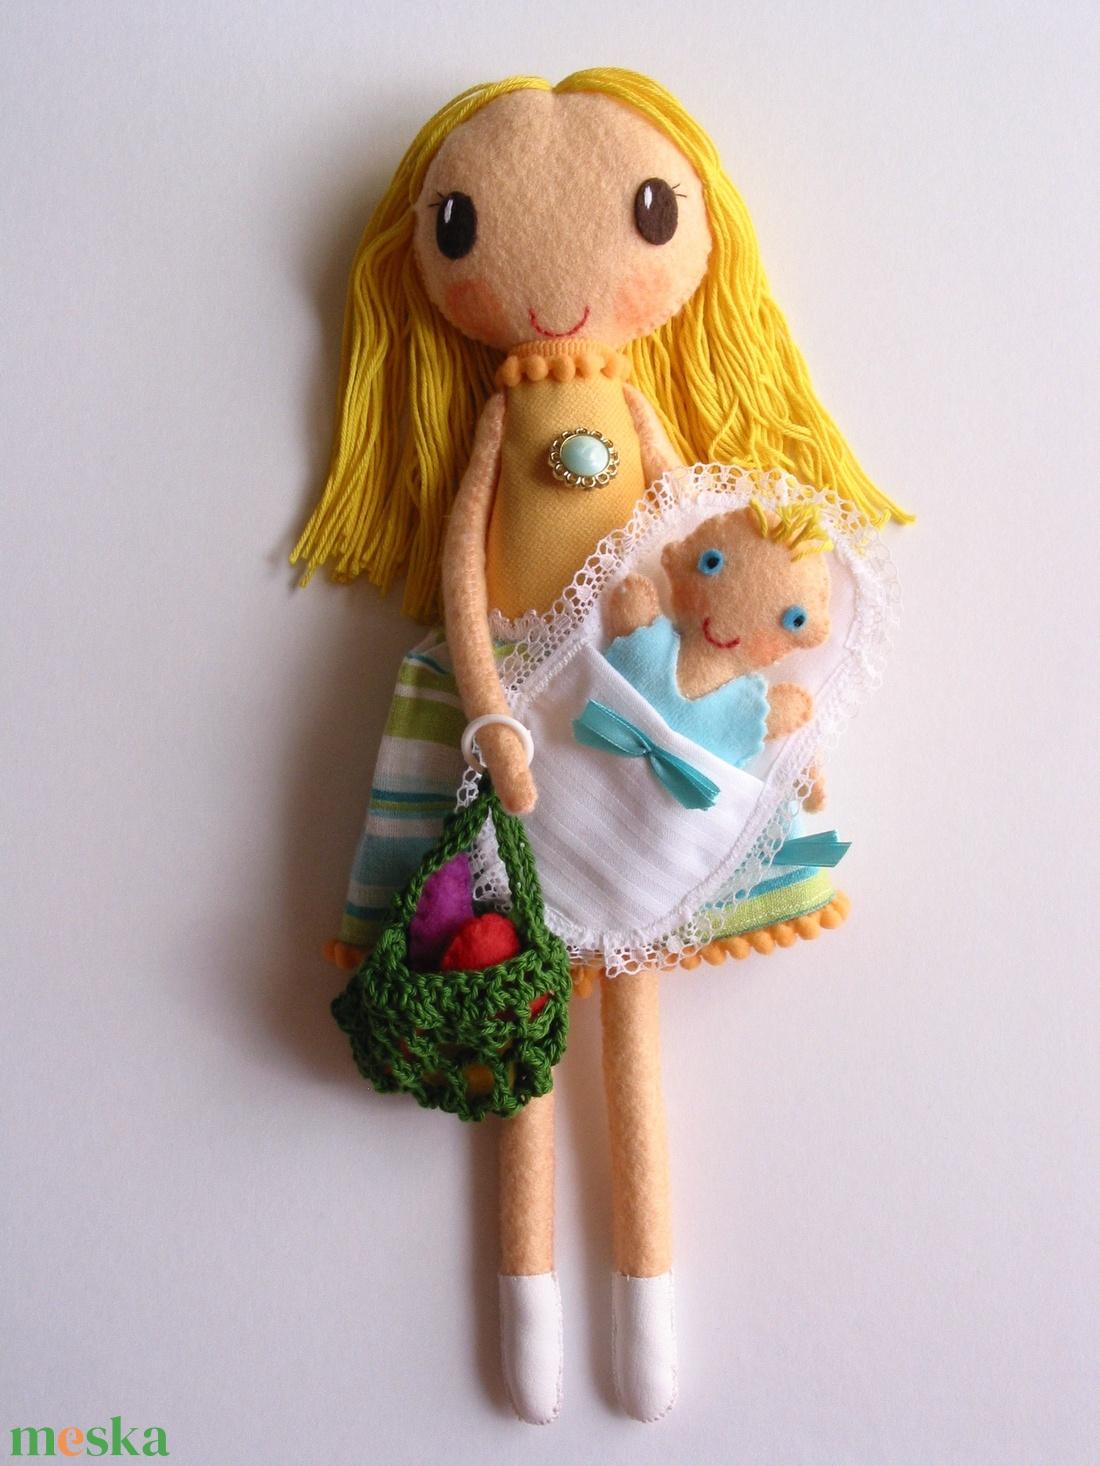 Anyu és én a piacon  - Öltöztethető textilbaba pólyás kisbabával és kiegészítőkkel  - játék & gyerek - plüssállat & játékfigura - ember - Meska.hu